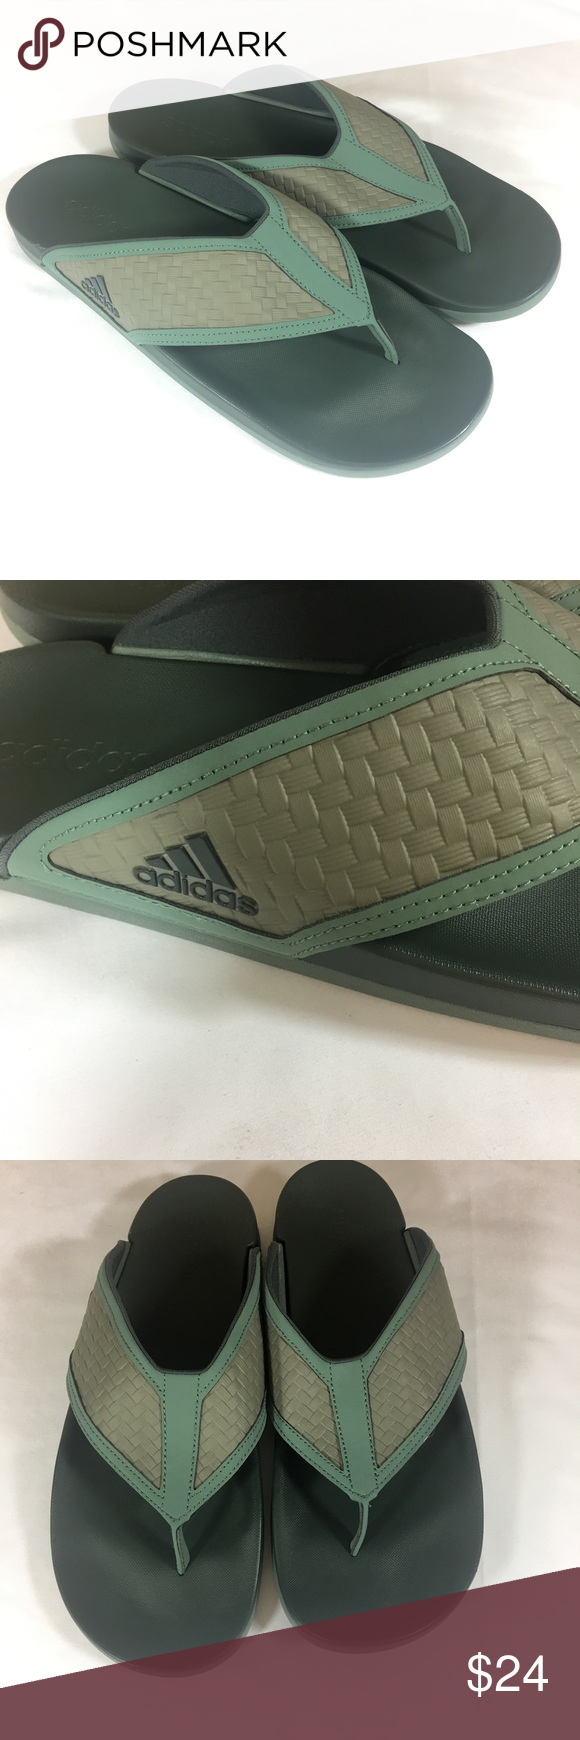 fe189629158ff Adidas Adilette Mens Flip Flop Sandals Green 12 Adidas Men s Adilette Green  Flip Flops Size 12 Adidas Shoes Sandals   Flip-Flops